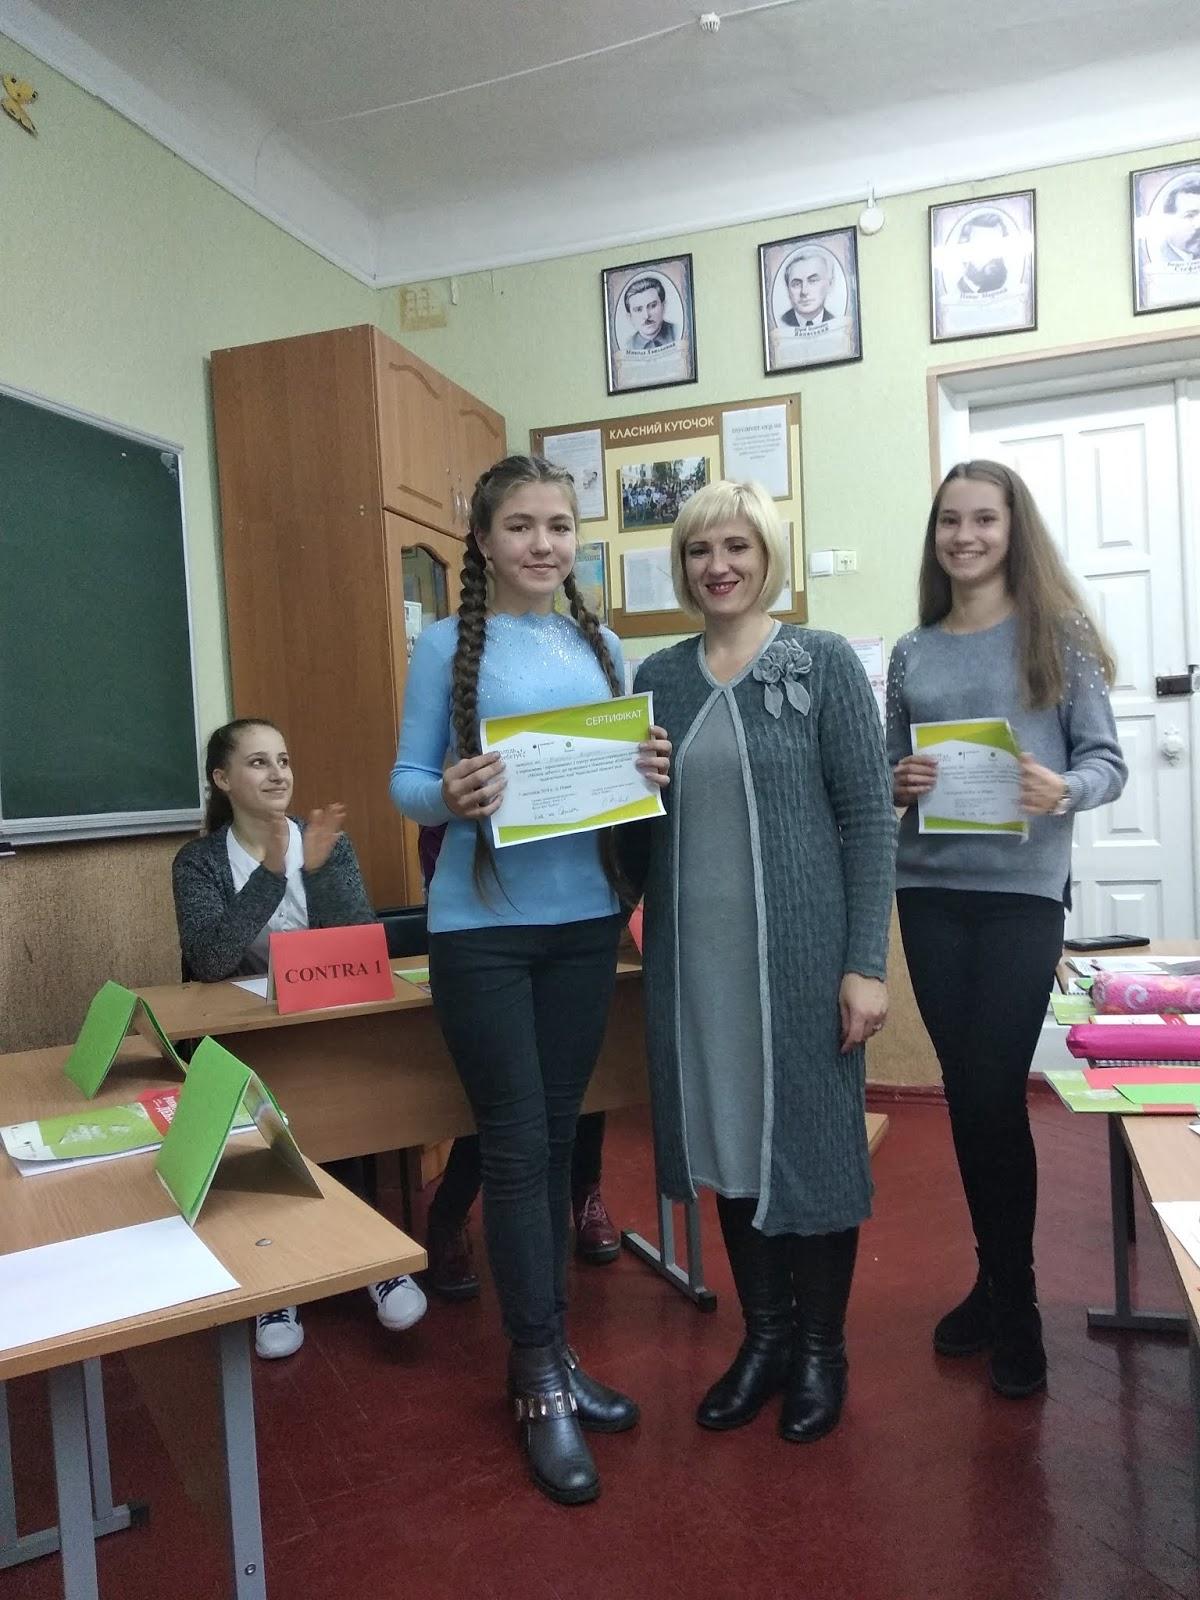 демократія, молодь, Ніжинський обласний педагогічний ліцей, німецько-український проект